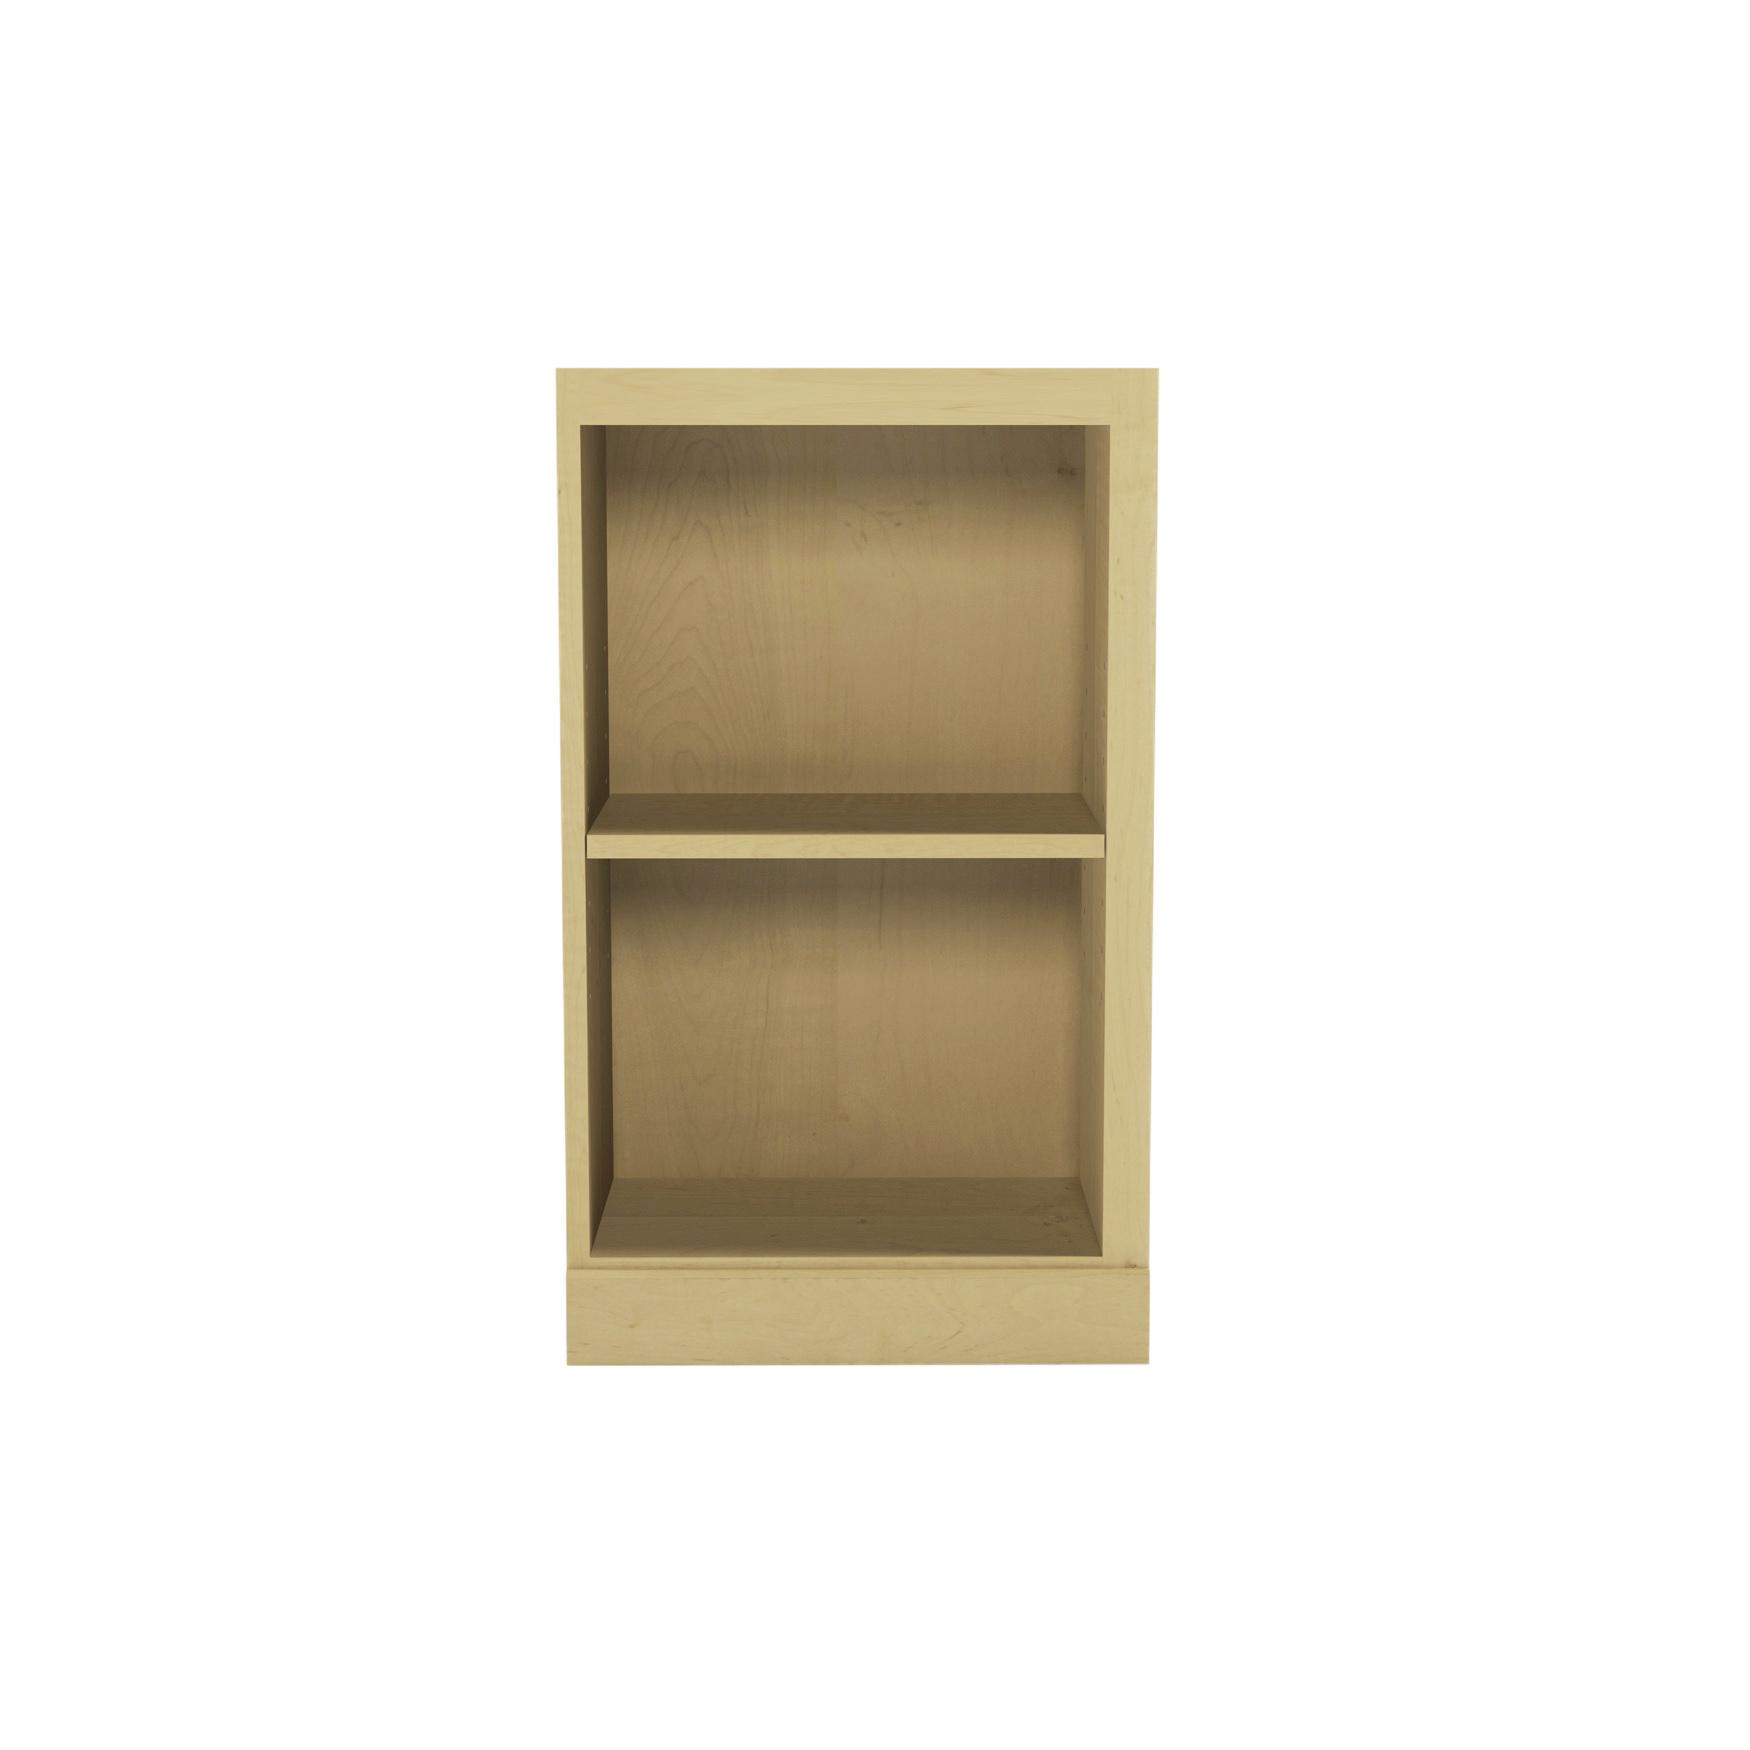 Flexmoderne 32″ In Height Rightside Bookshelf